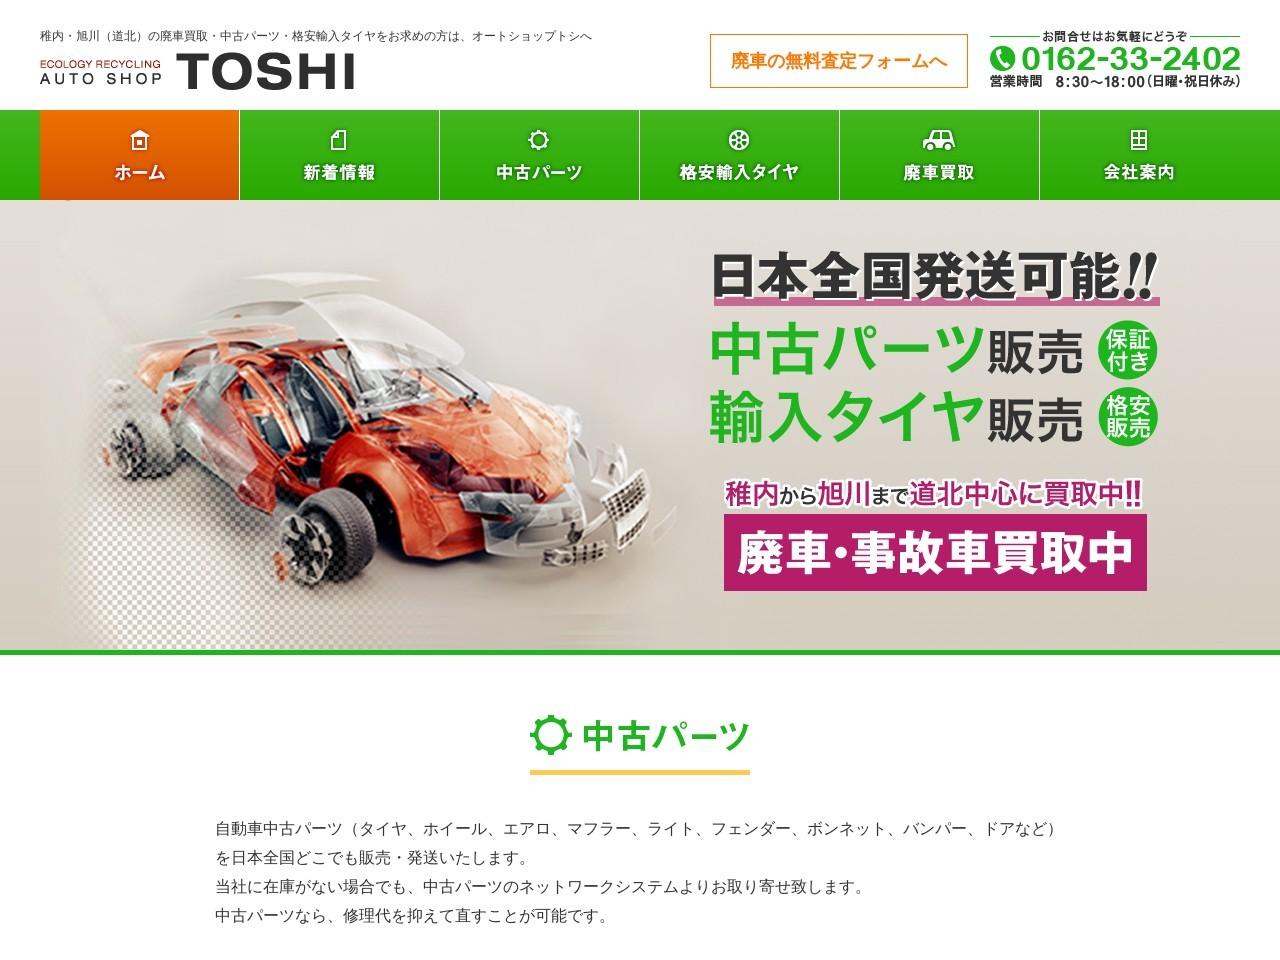 稚内・旭川(道北)の廃車買取・中古パーツ・格安輸入タイヤ販売はオートショップトシ